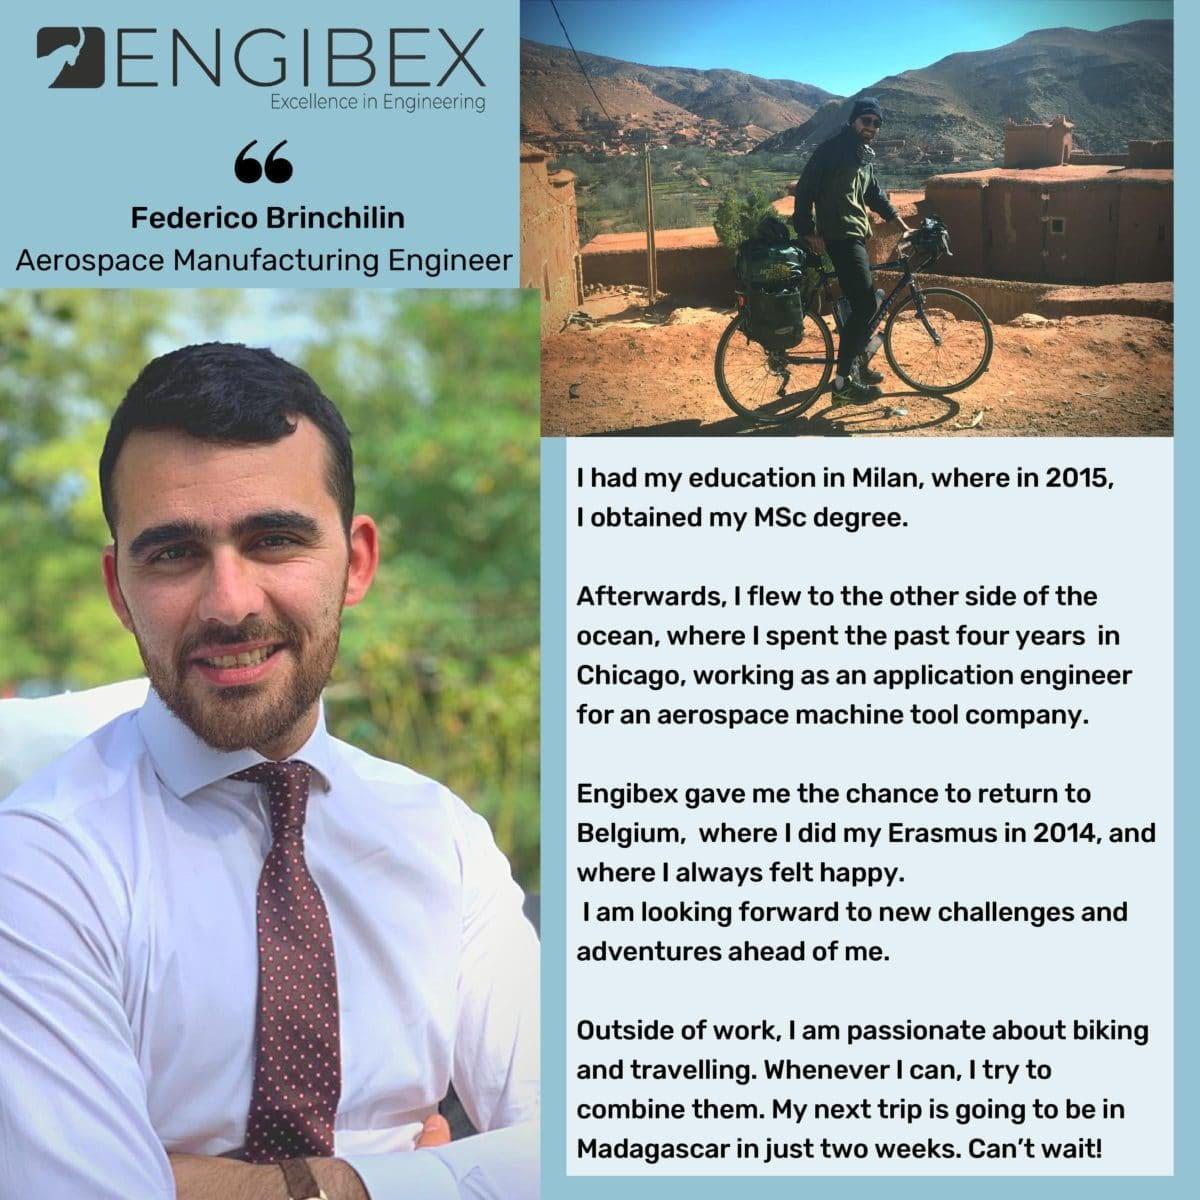 Engibex Consultant - Federico Brinchilin